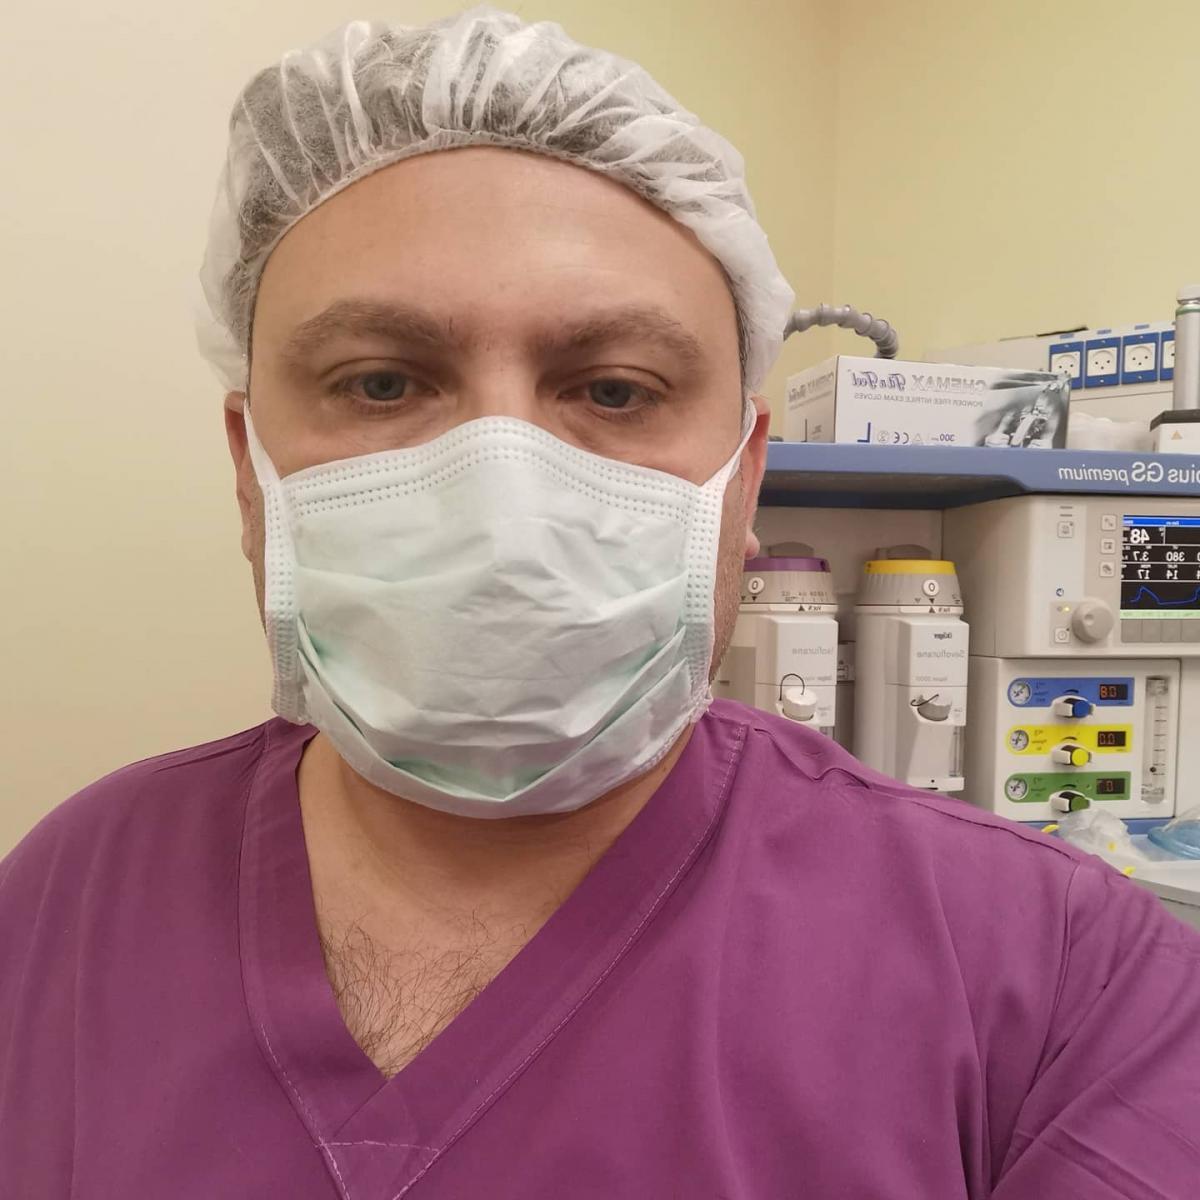 Борис Бриль рассказал, что надо изменить в Украине для организации эффективной медицинской помощи больным коронавирусом / фото фото facebook.com/drborisbrill